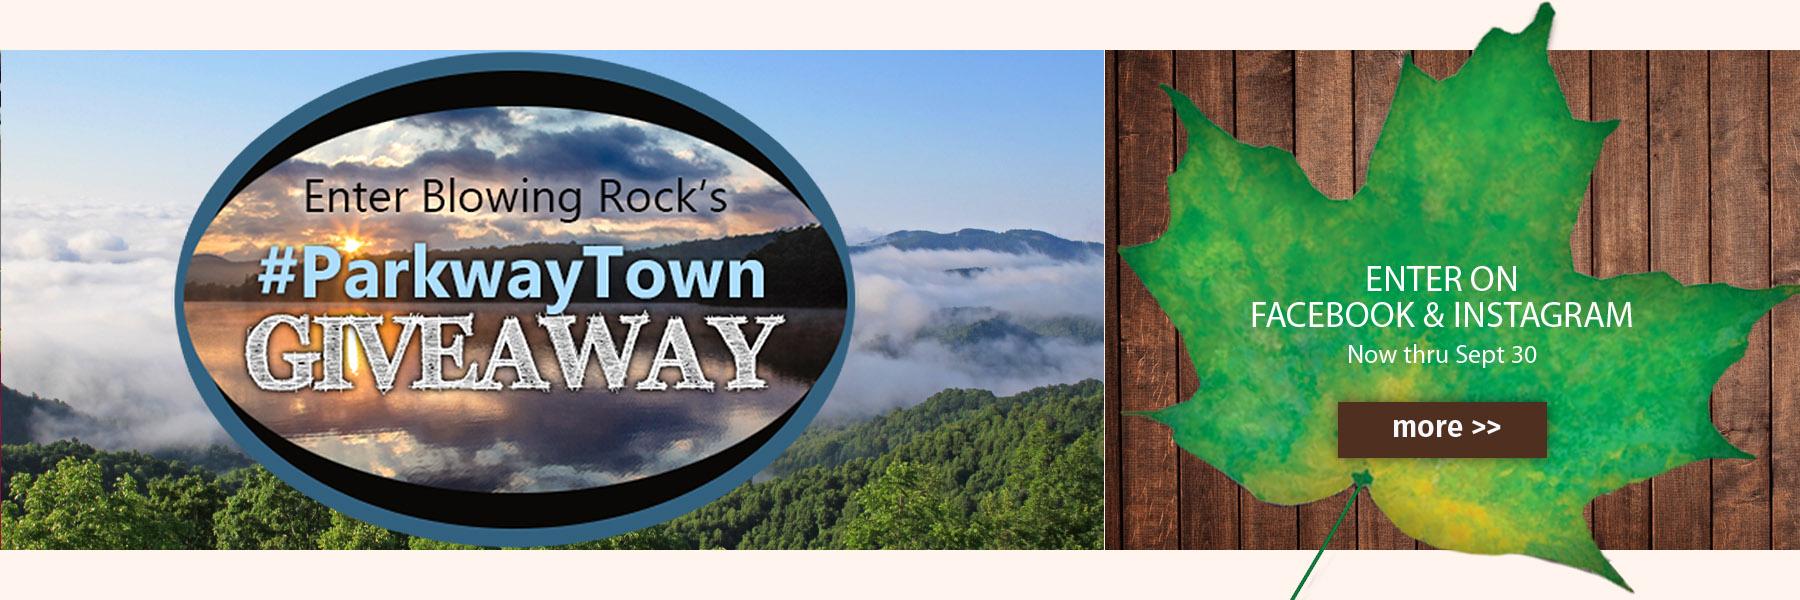 Parkwaytown giveaway